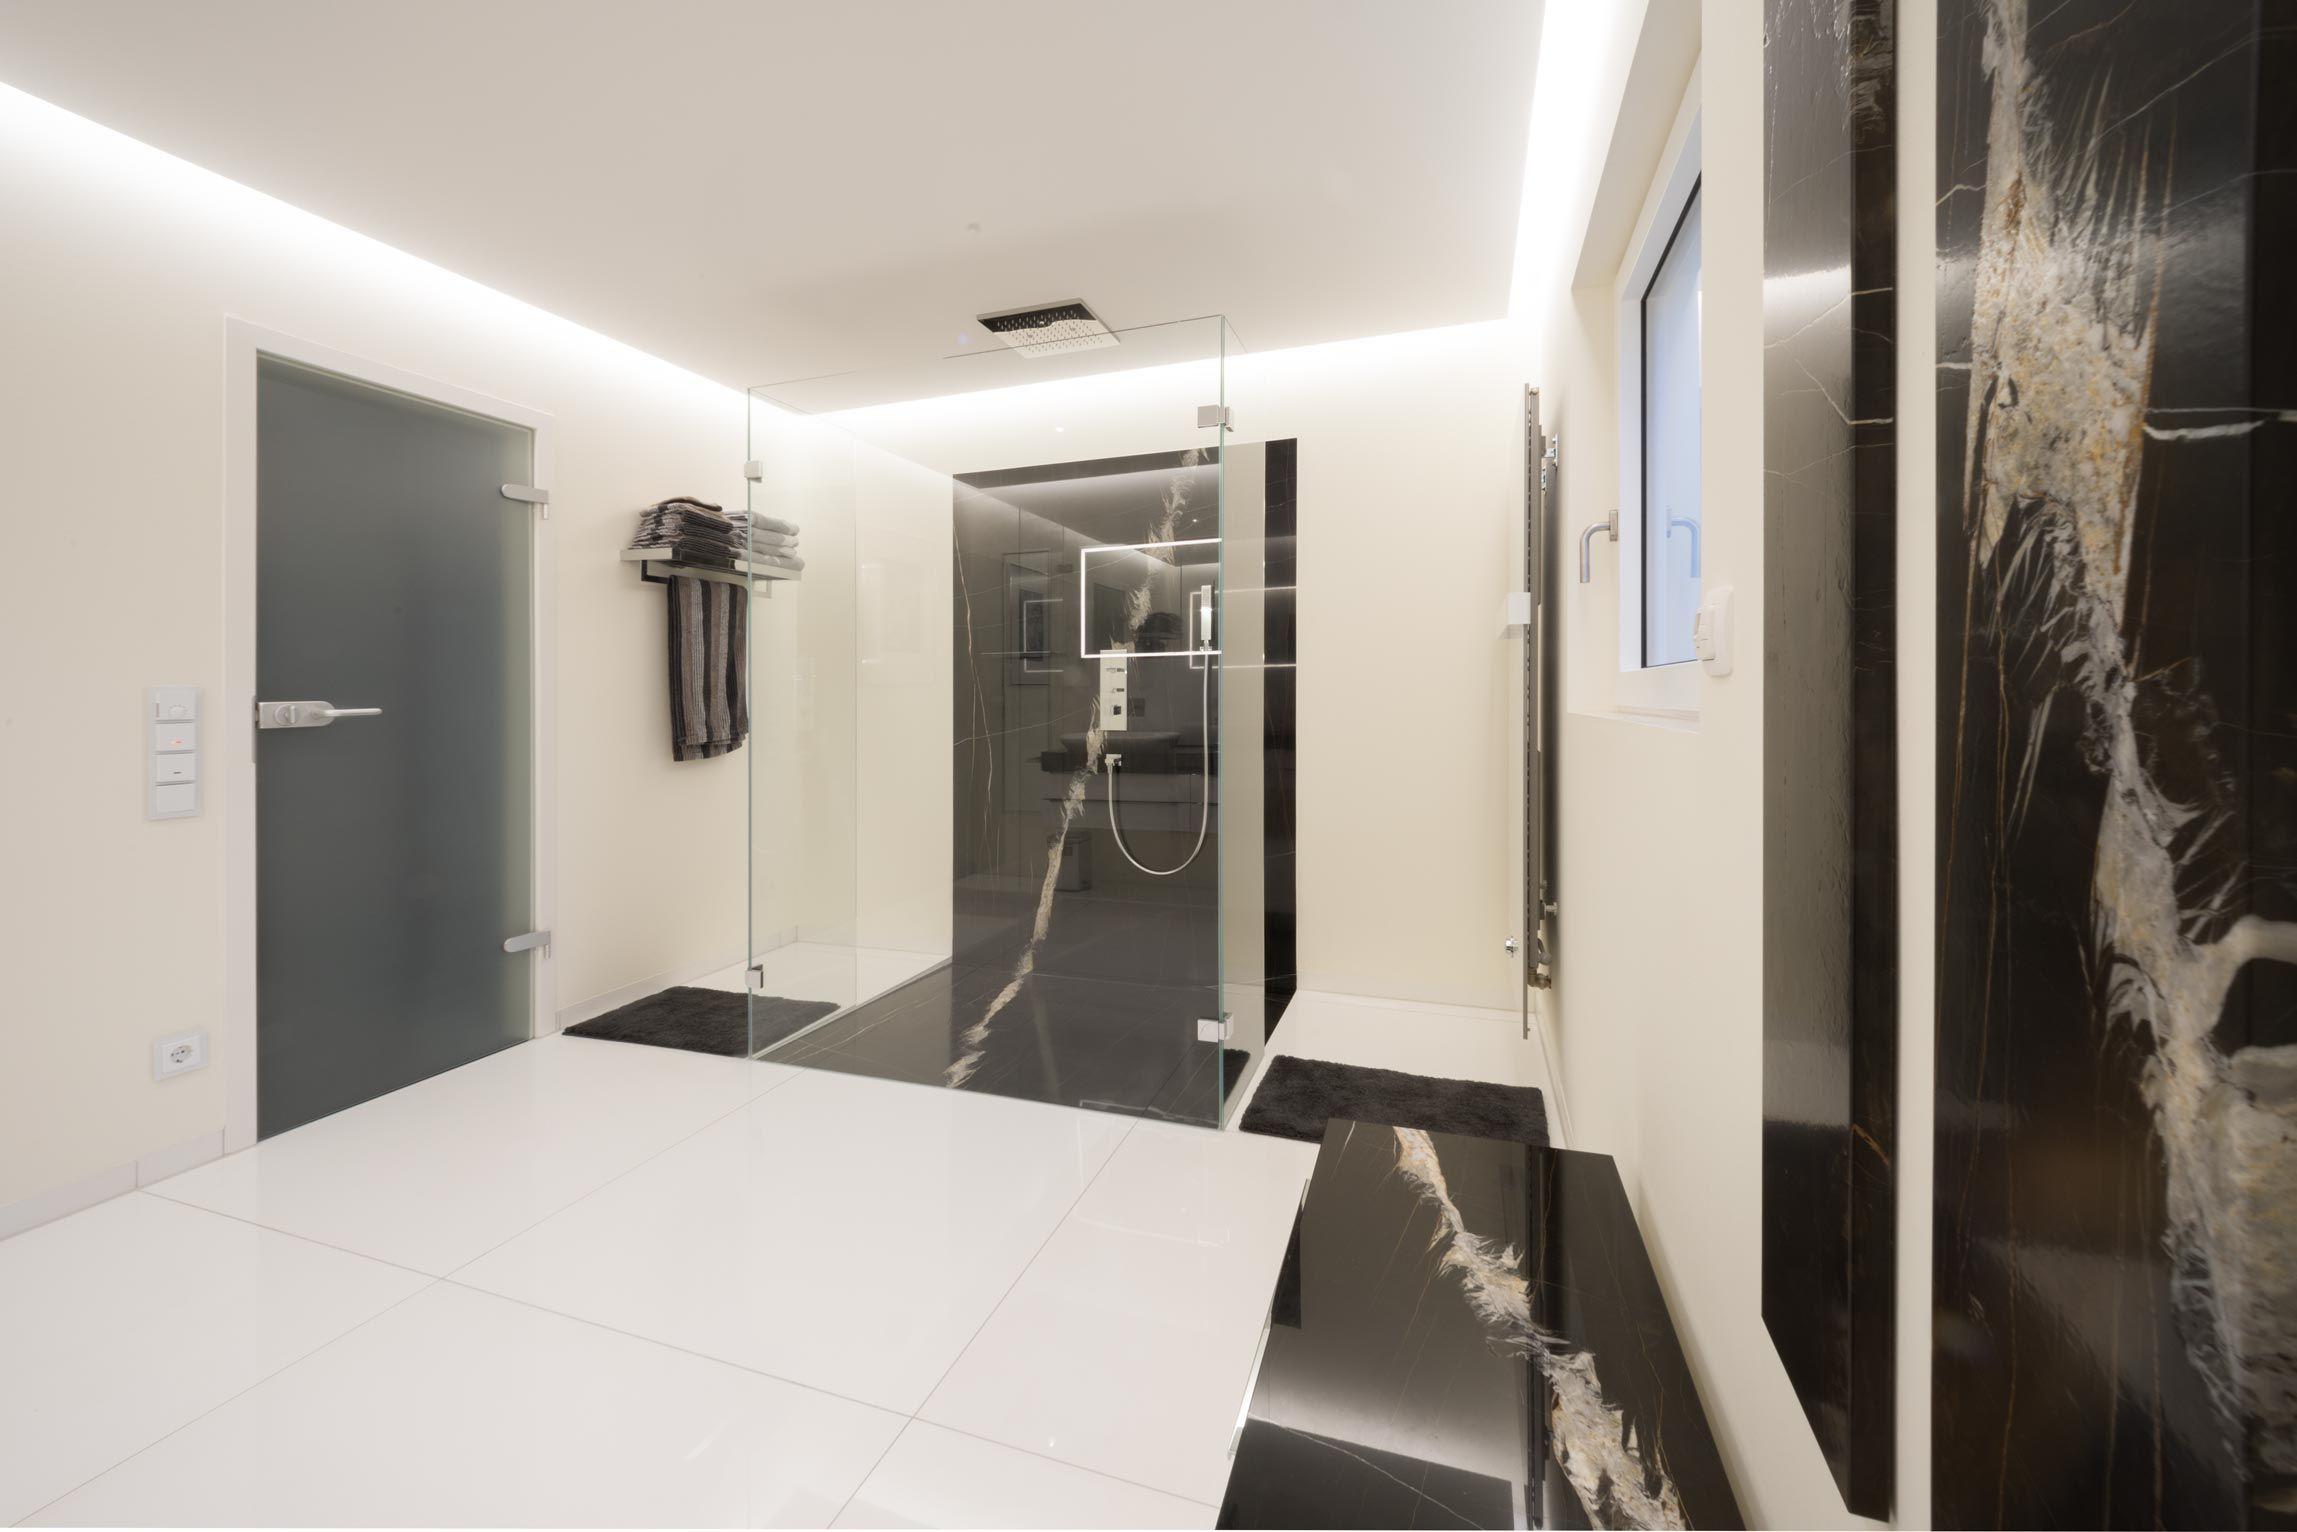 zeitschrift für badezimmer  Welcome to my house, House, Home decor